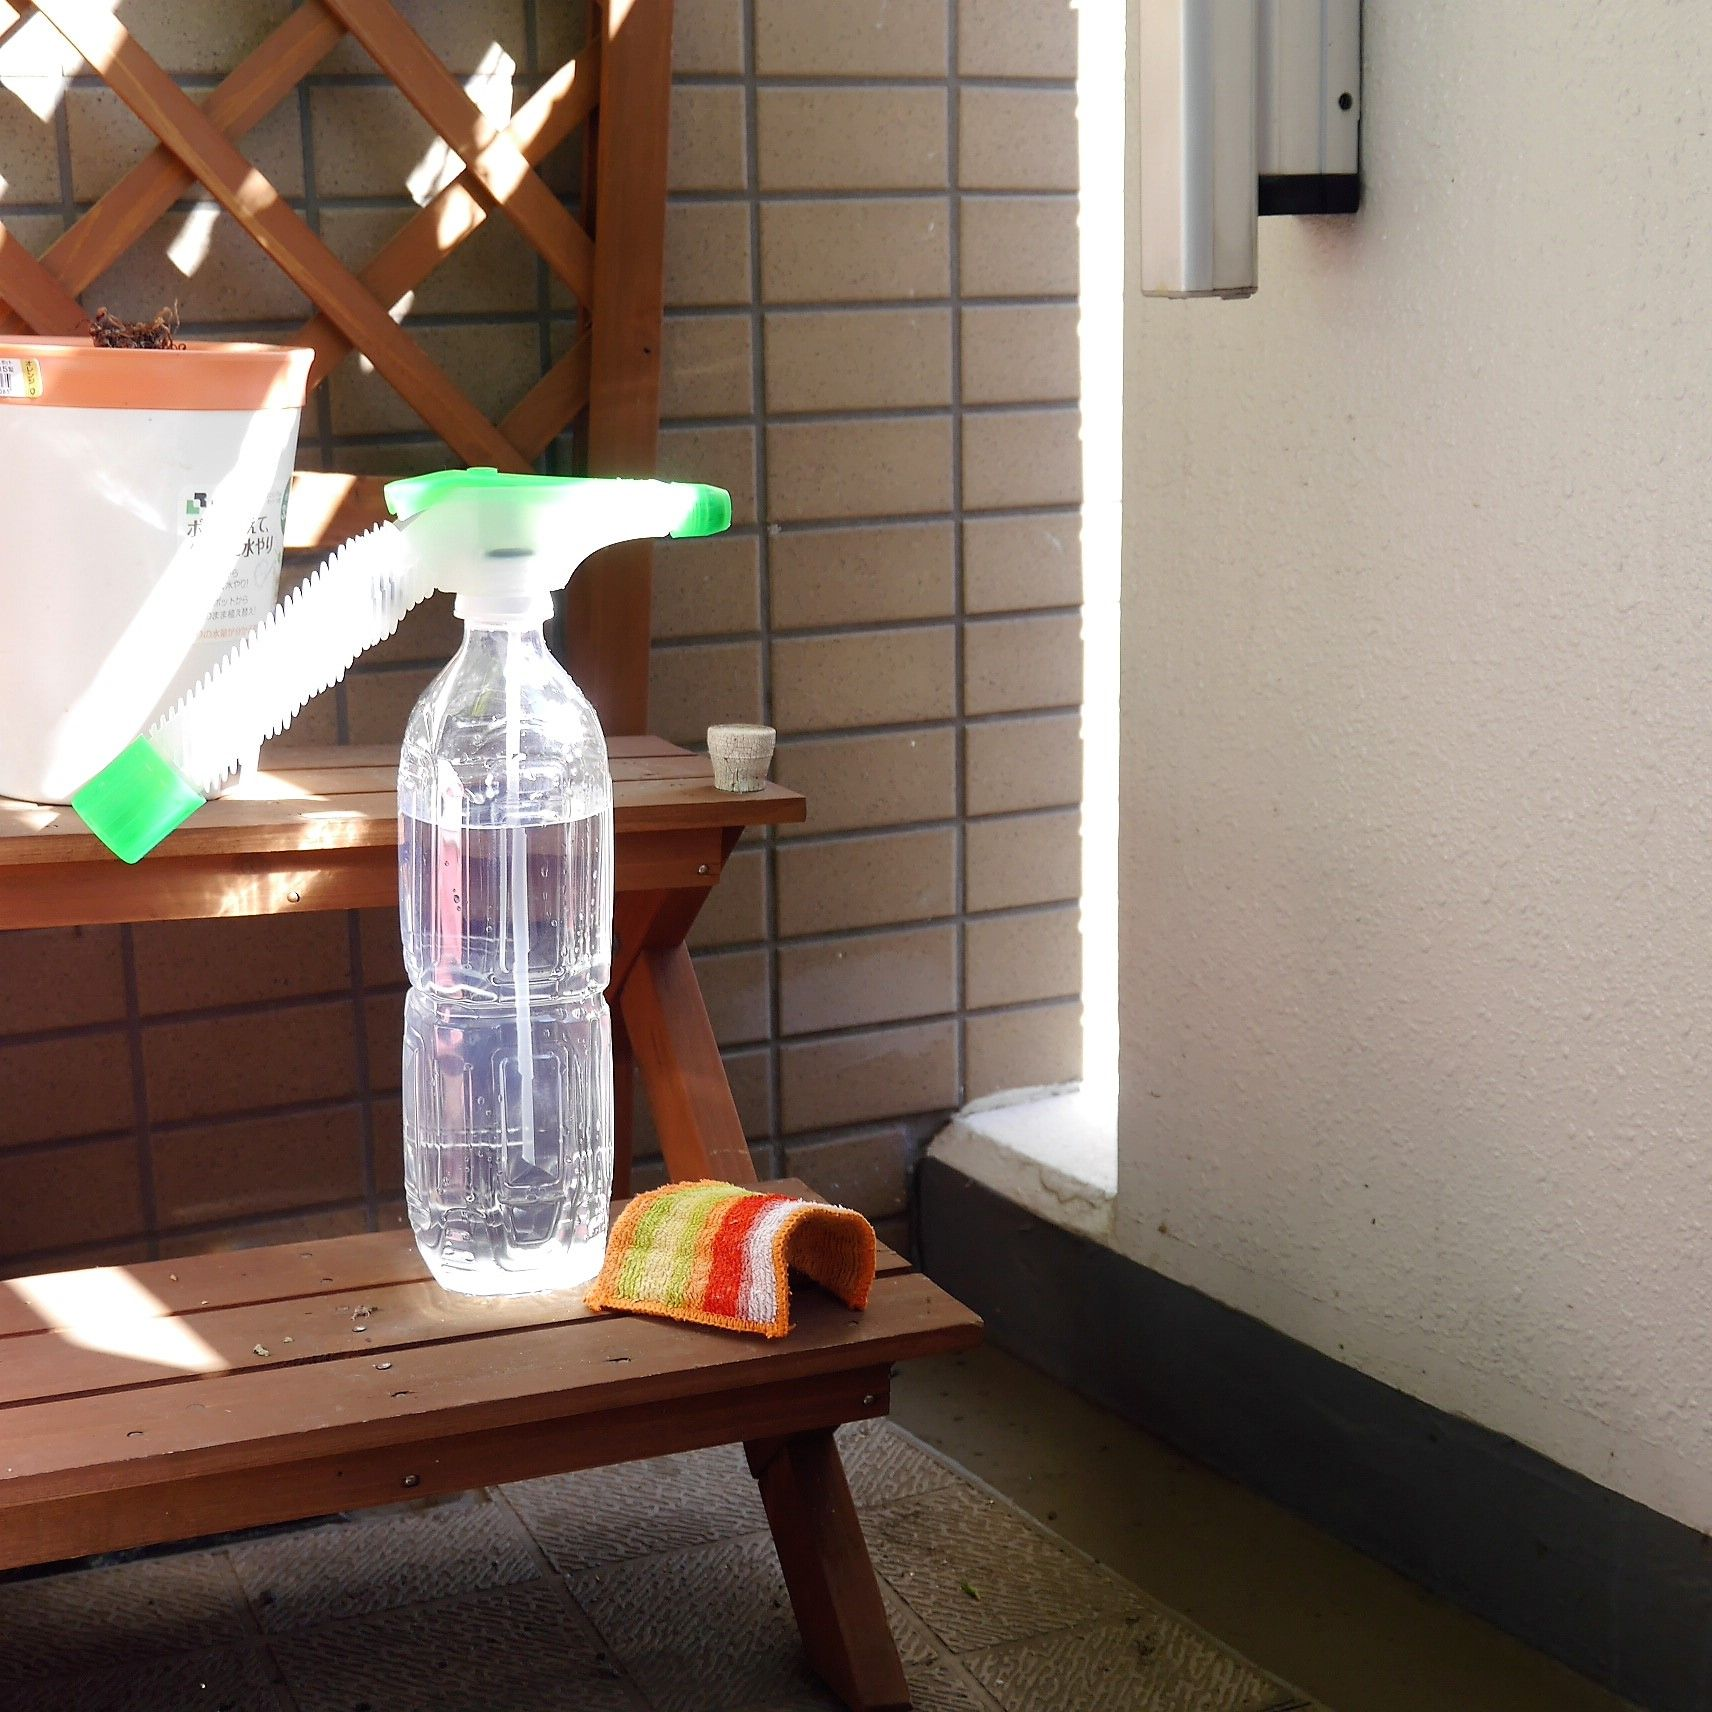 ペットボトル用の加圧式スプレーノズル